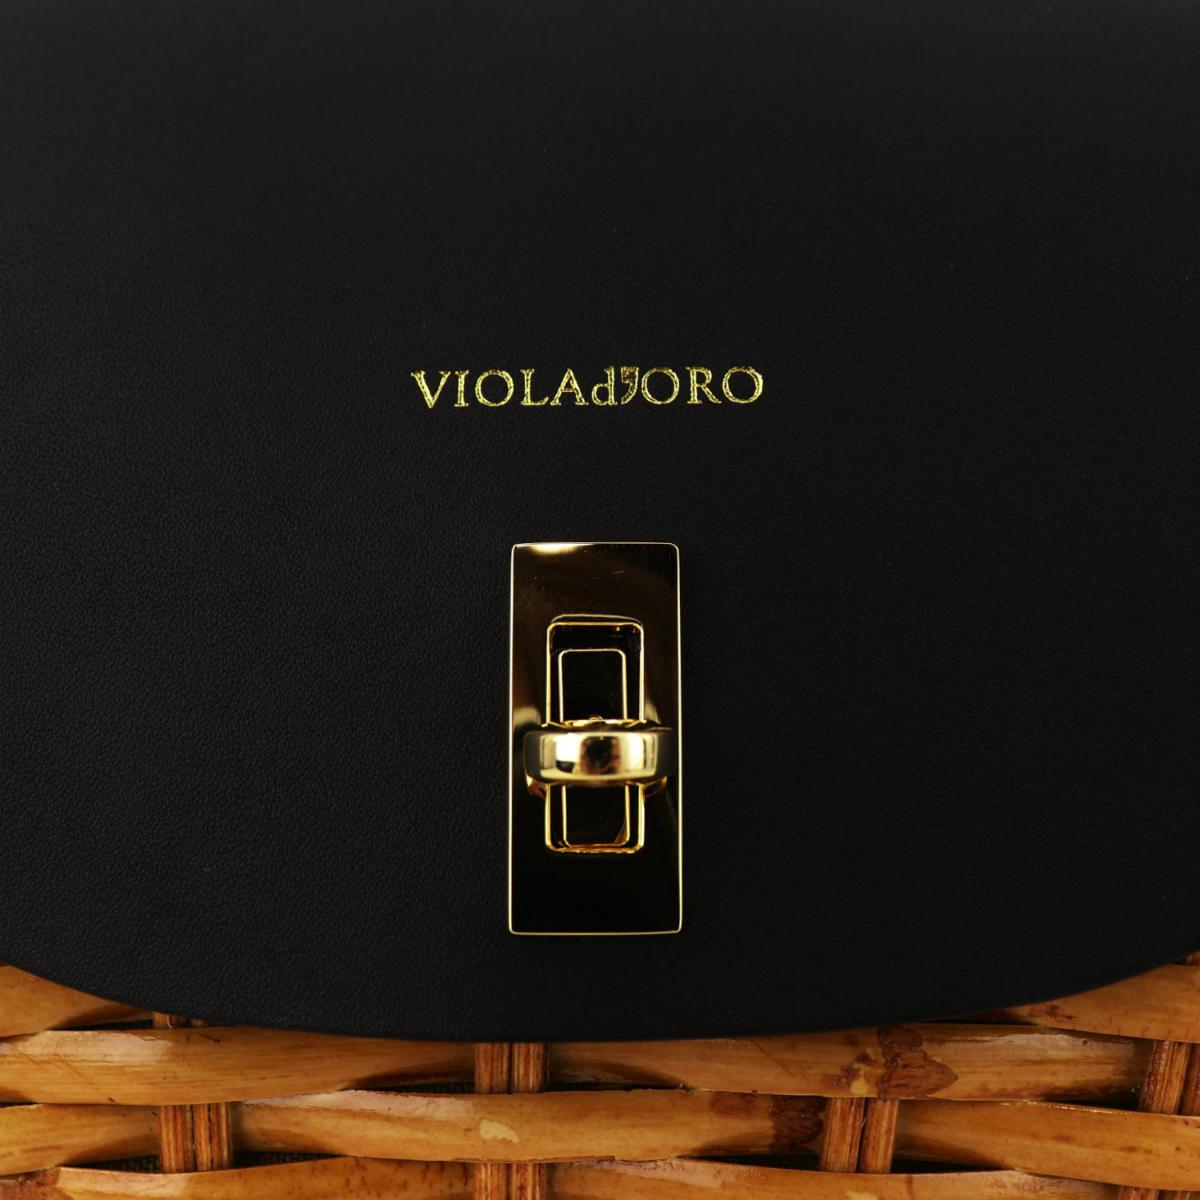 ヴィオラドーロ VIOLAd'ORO レディース スプリットラタン 2WAY ハンドバッグ MIRO V-8435 VLD (キャメル) 春夏新作